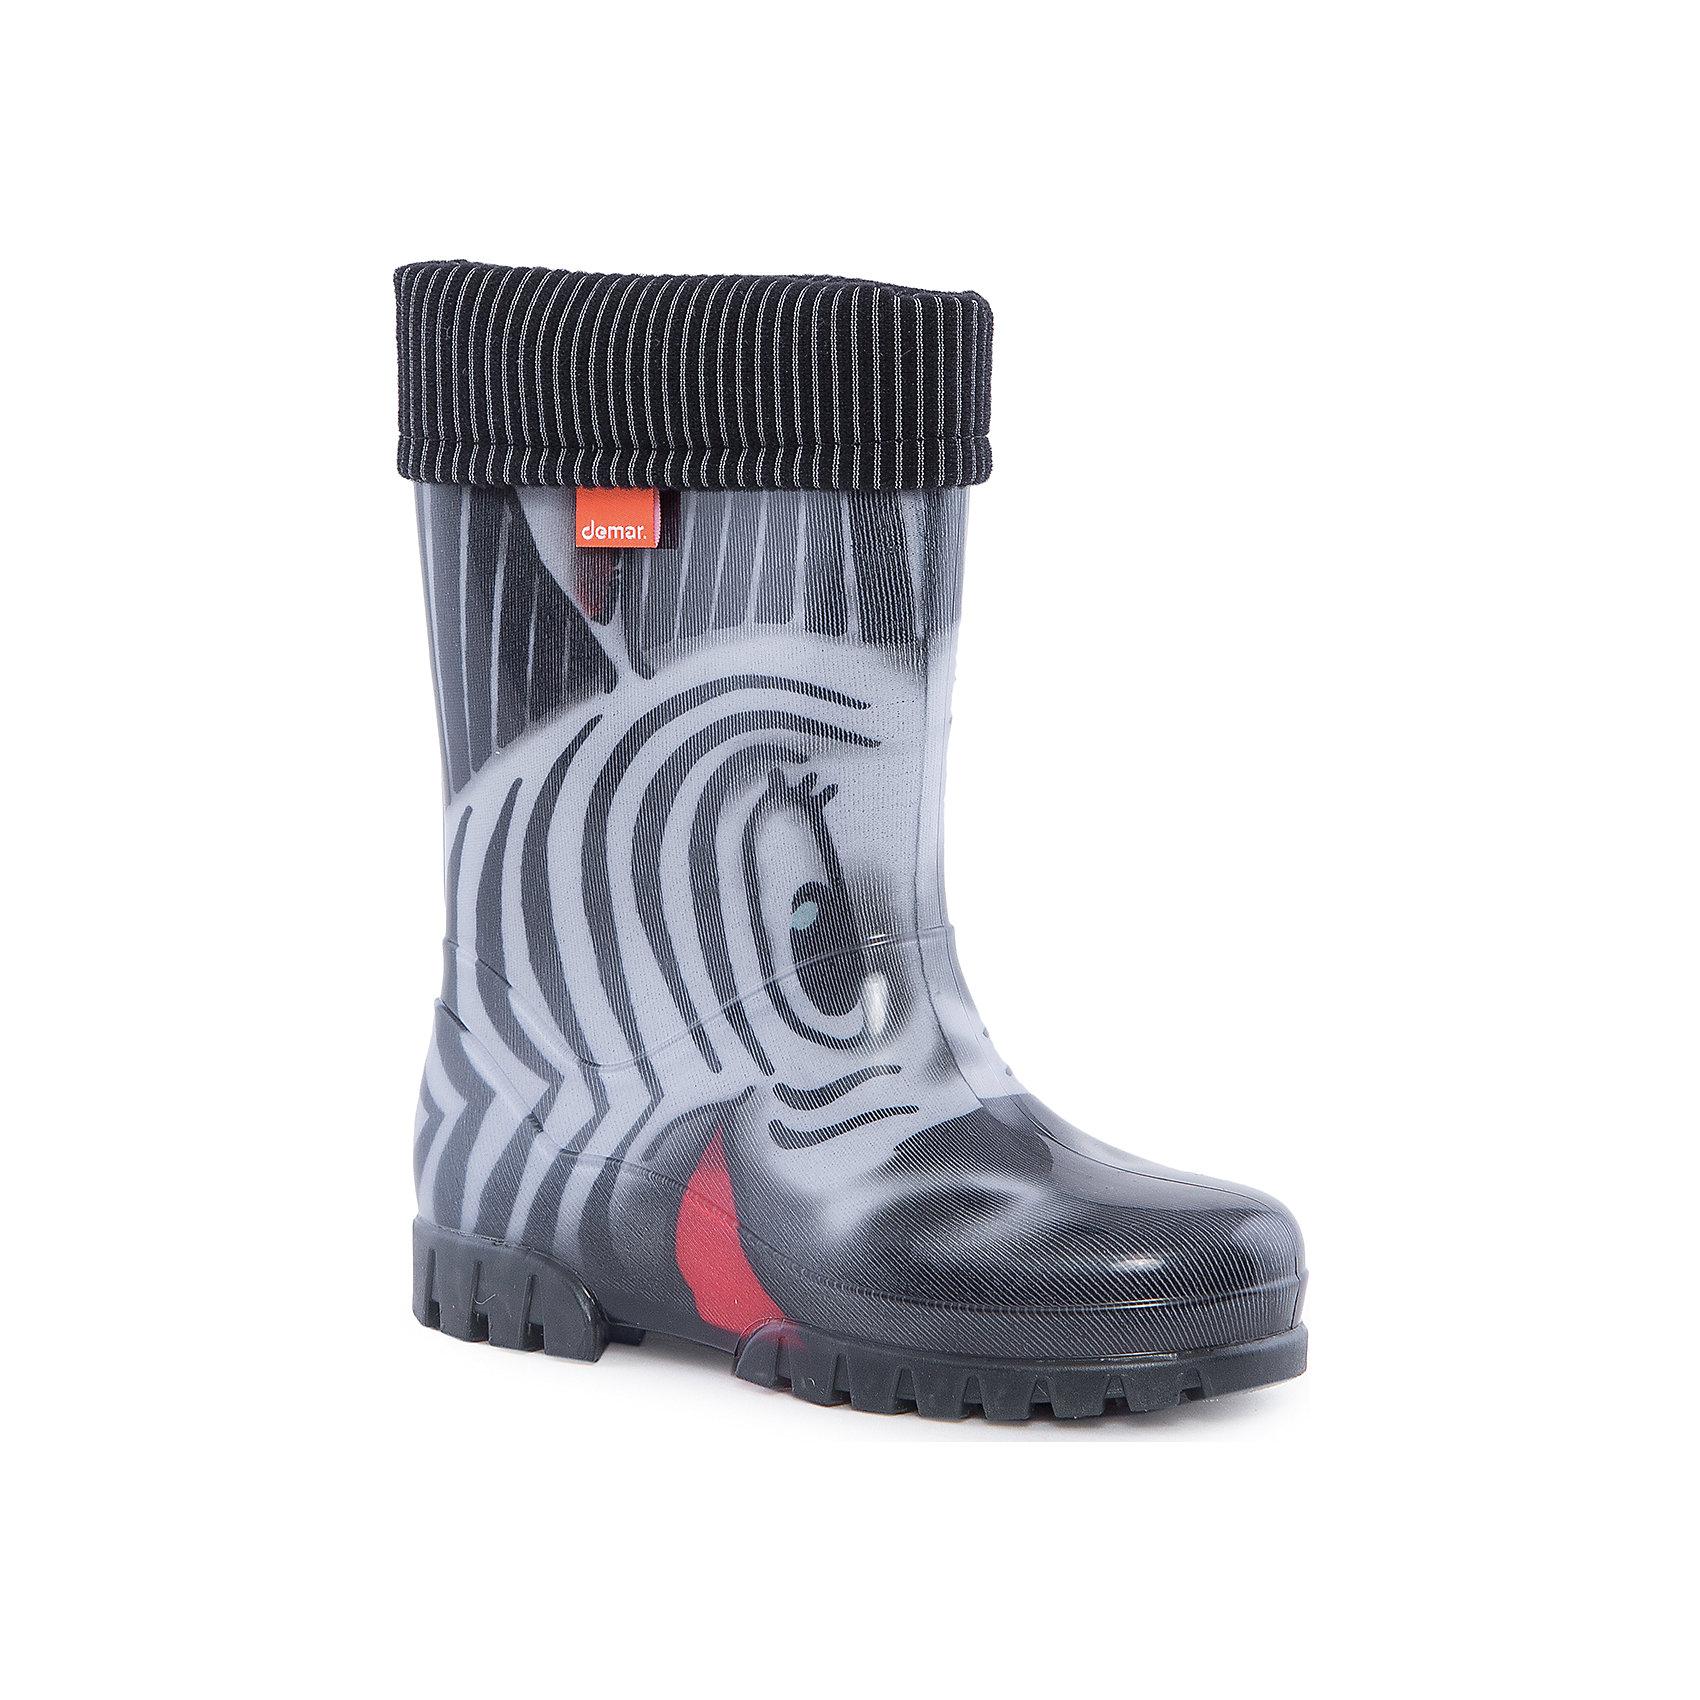 Резиновый сапоги Twister Lux Print Зебра DEMARХарактеристики товара:<br><br>• цвет: серый<br>• материал верха: ПВХ<br>• материал подкладки: текстиль <br>• материал подошвы: ПВХ<br>• температурный режим: от 0° до +15° С<br>• верх не продувается<br>• стильный дизайн<br>• страна бренда: Польша<br>• страна изготовитель: Польша<br><br>Осенью и весной ребенку не обойтись без непромокаемых сапожек! Чтобы не пропустить главные удовольствия межсезонья, нужно запастись удобной обувью. Такие сапожки обеспечат ребенку необходимый для активного отдыха комфорт, а подкладка из текстиля позволит ножкам оставаться теплыми. Сапожки легко надеваются и снимаются, отлично сидят на ноге. Они удивительно легкие!<br>Обувь от польского бренда Demar - это качественные товары, созданные с применением новейших технологий и с использованием как натуральных, так и высокотехнологичных материалов. Обувь отличается стильным дизайном и продуманной конструкцией. Изделие производится из качественных и проверенных материалов, которые безопасны для детей.<br><br>Сапожки от бренда Demar (Демар) можно купить в нашем интернет-магазине.<br><br>Ширина мм: 237<br>Глубина мм: 180<br>Высота мм: 152<br>Вес г: 438<br>Цвет: разноцветный<br>Возраст от месяцев: 96<br>Возраст до месяцев: 108<br>Пол: Унисекс<br>Возраст: Детский<br>Размер: 32/33,34/35,30/31,28/29<br>SKU: 4576041